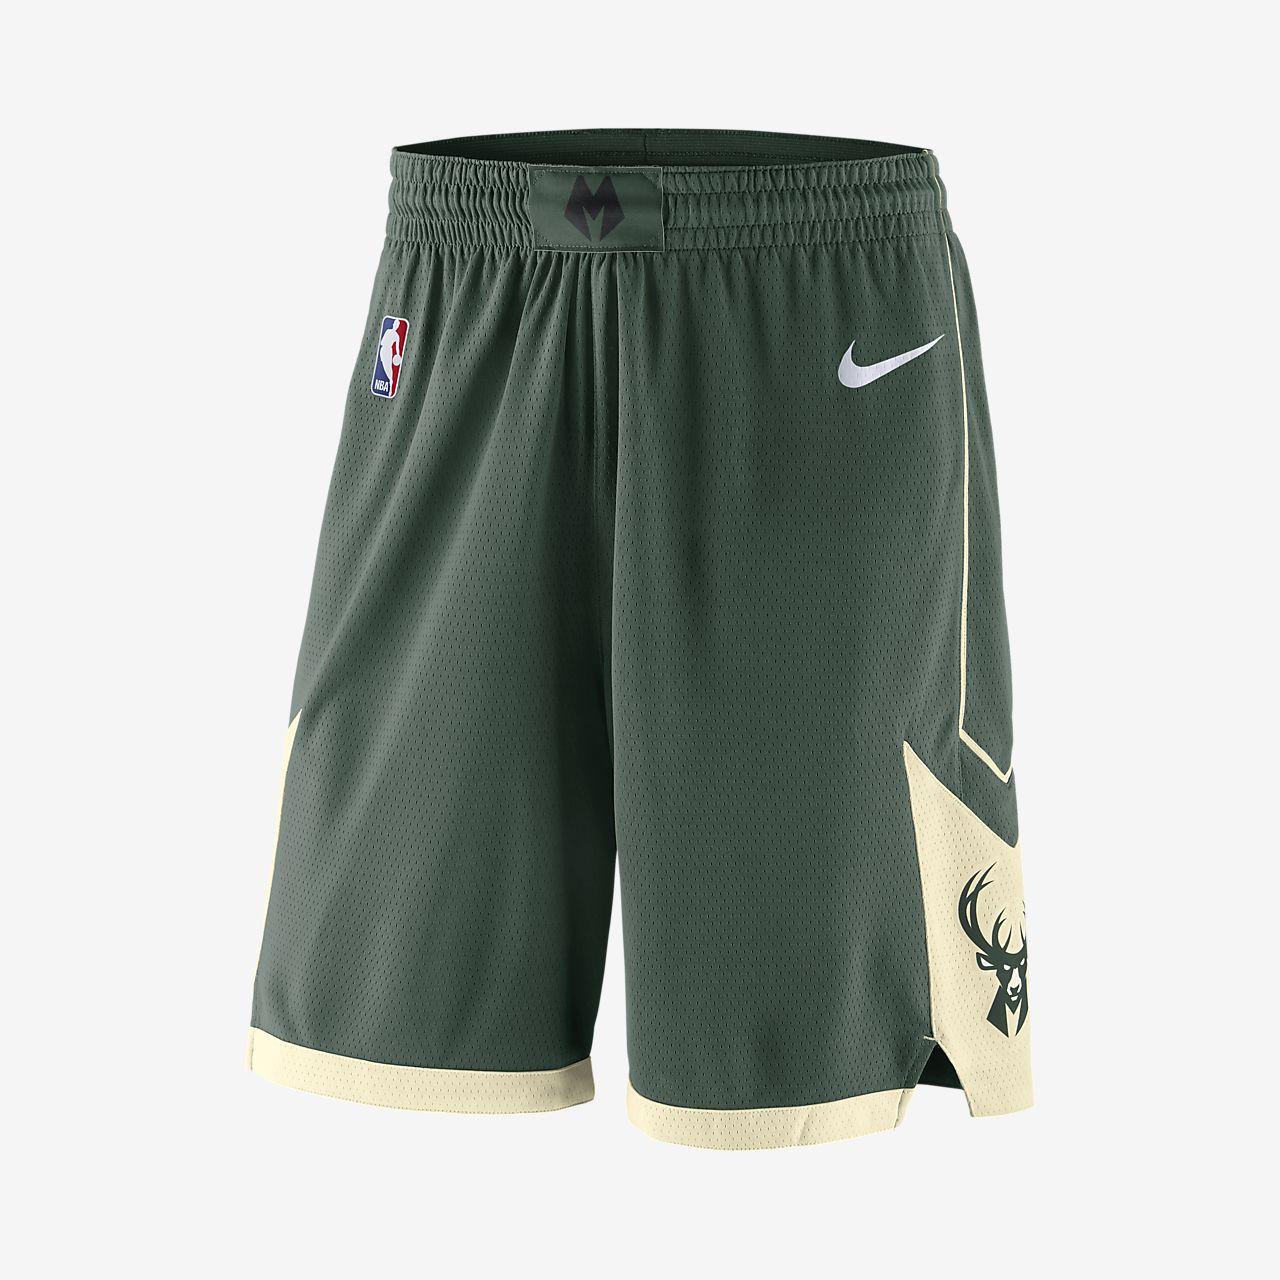 Shorts de NBA para hombre Milwaukee Bucks Nike Icon Edition Swingman